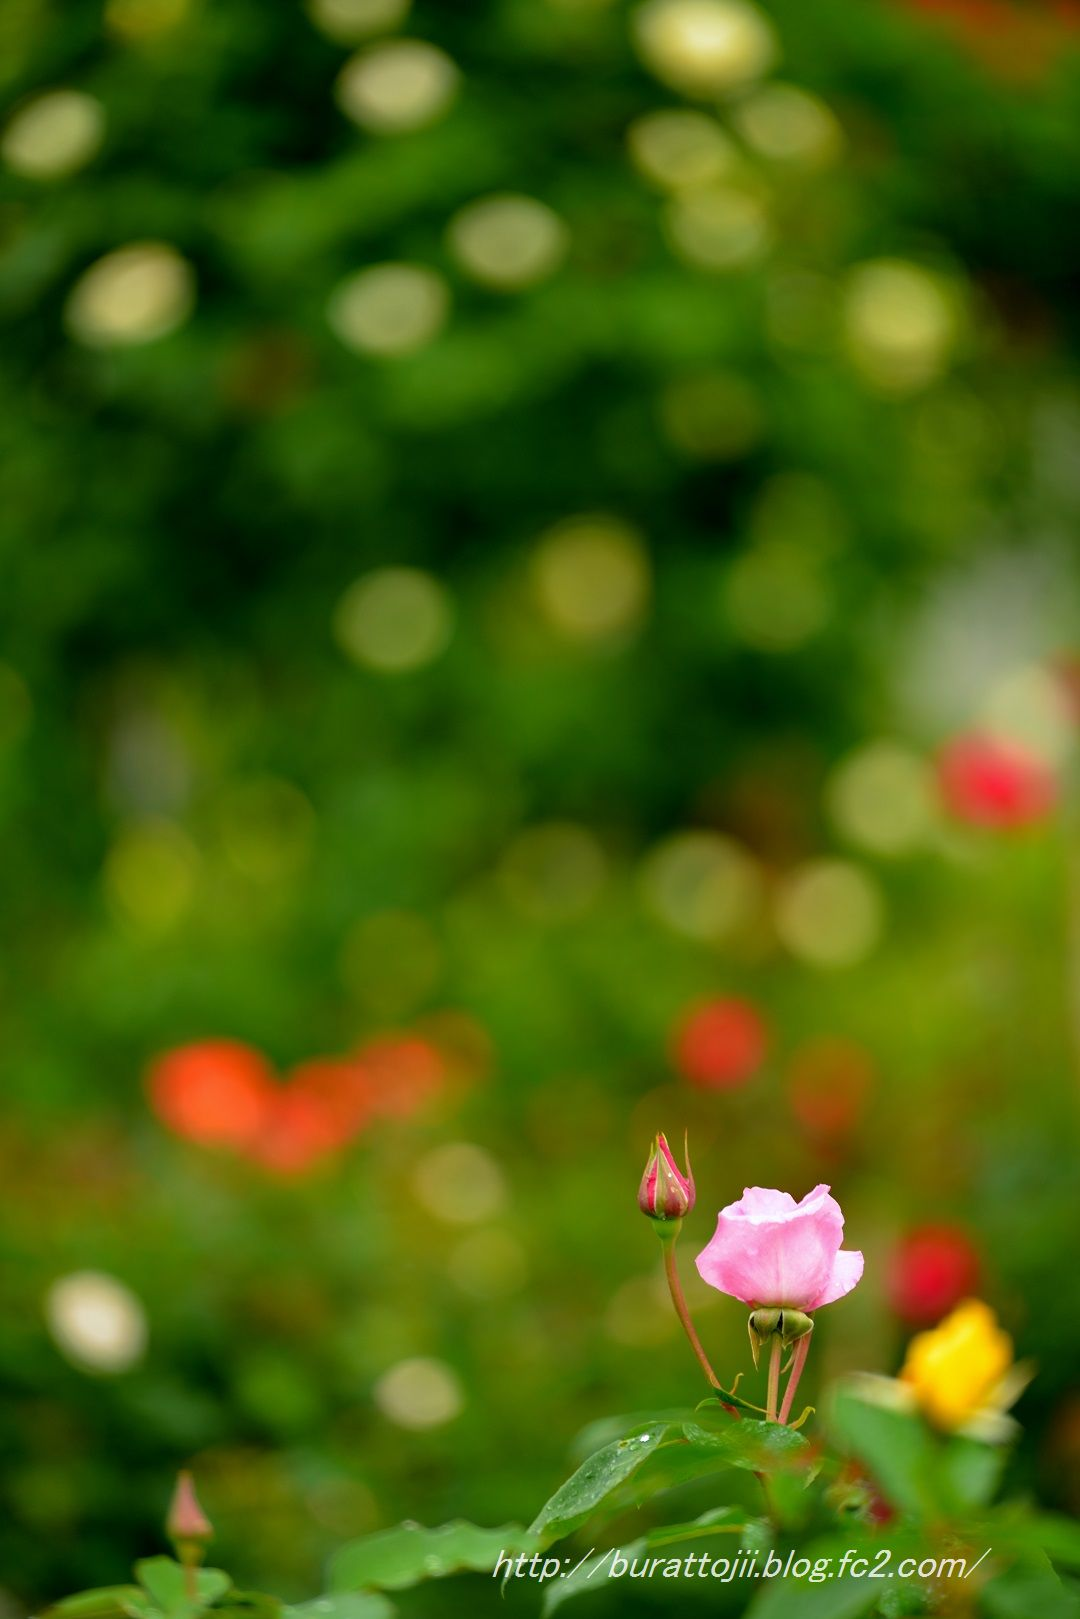 2014.05.23金沢姉妹都市公園のバラなど14